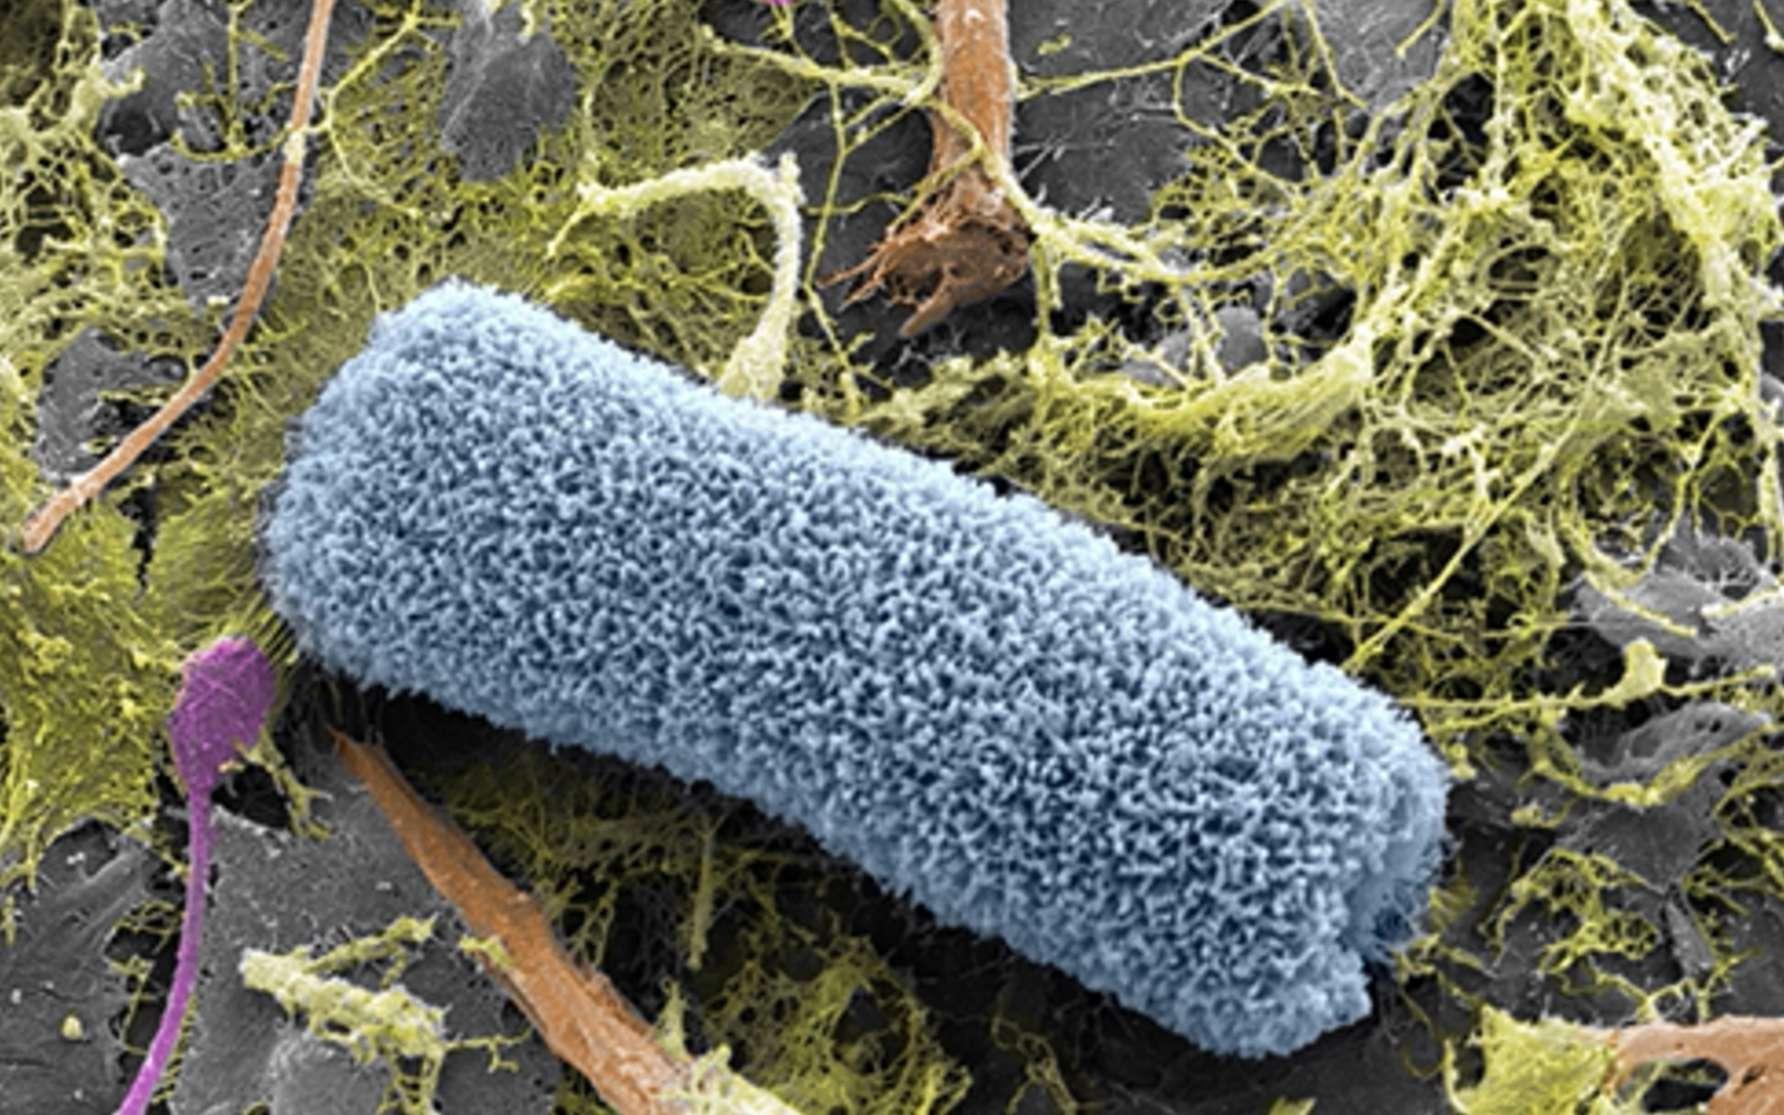 Image en microscopie électronique à balayage d'un microplastique collecté dans le gyre subtropical de l'Atlantique Nord lors de l'Expédition 7ème Continent 2015. L'image a été colorée. On distingue sur la surface en gris du plastique des microorganismes et un bio-polymère. © laboratoire des IMRCP